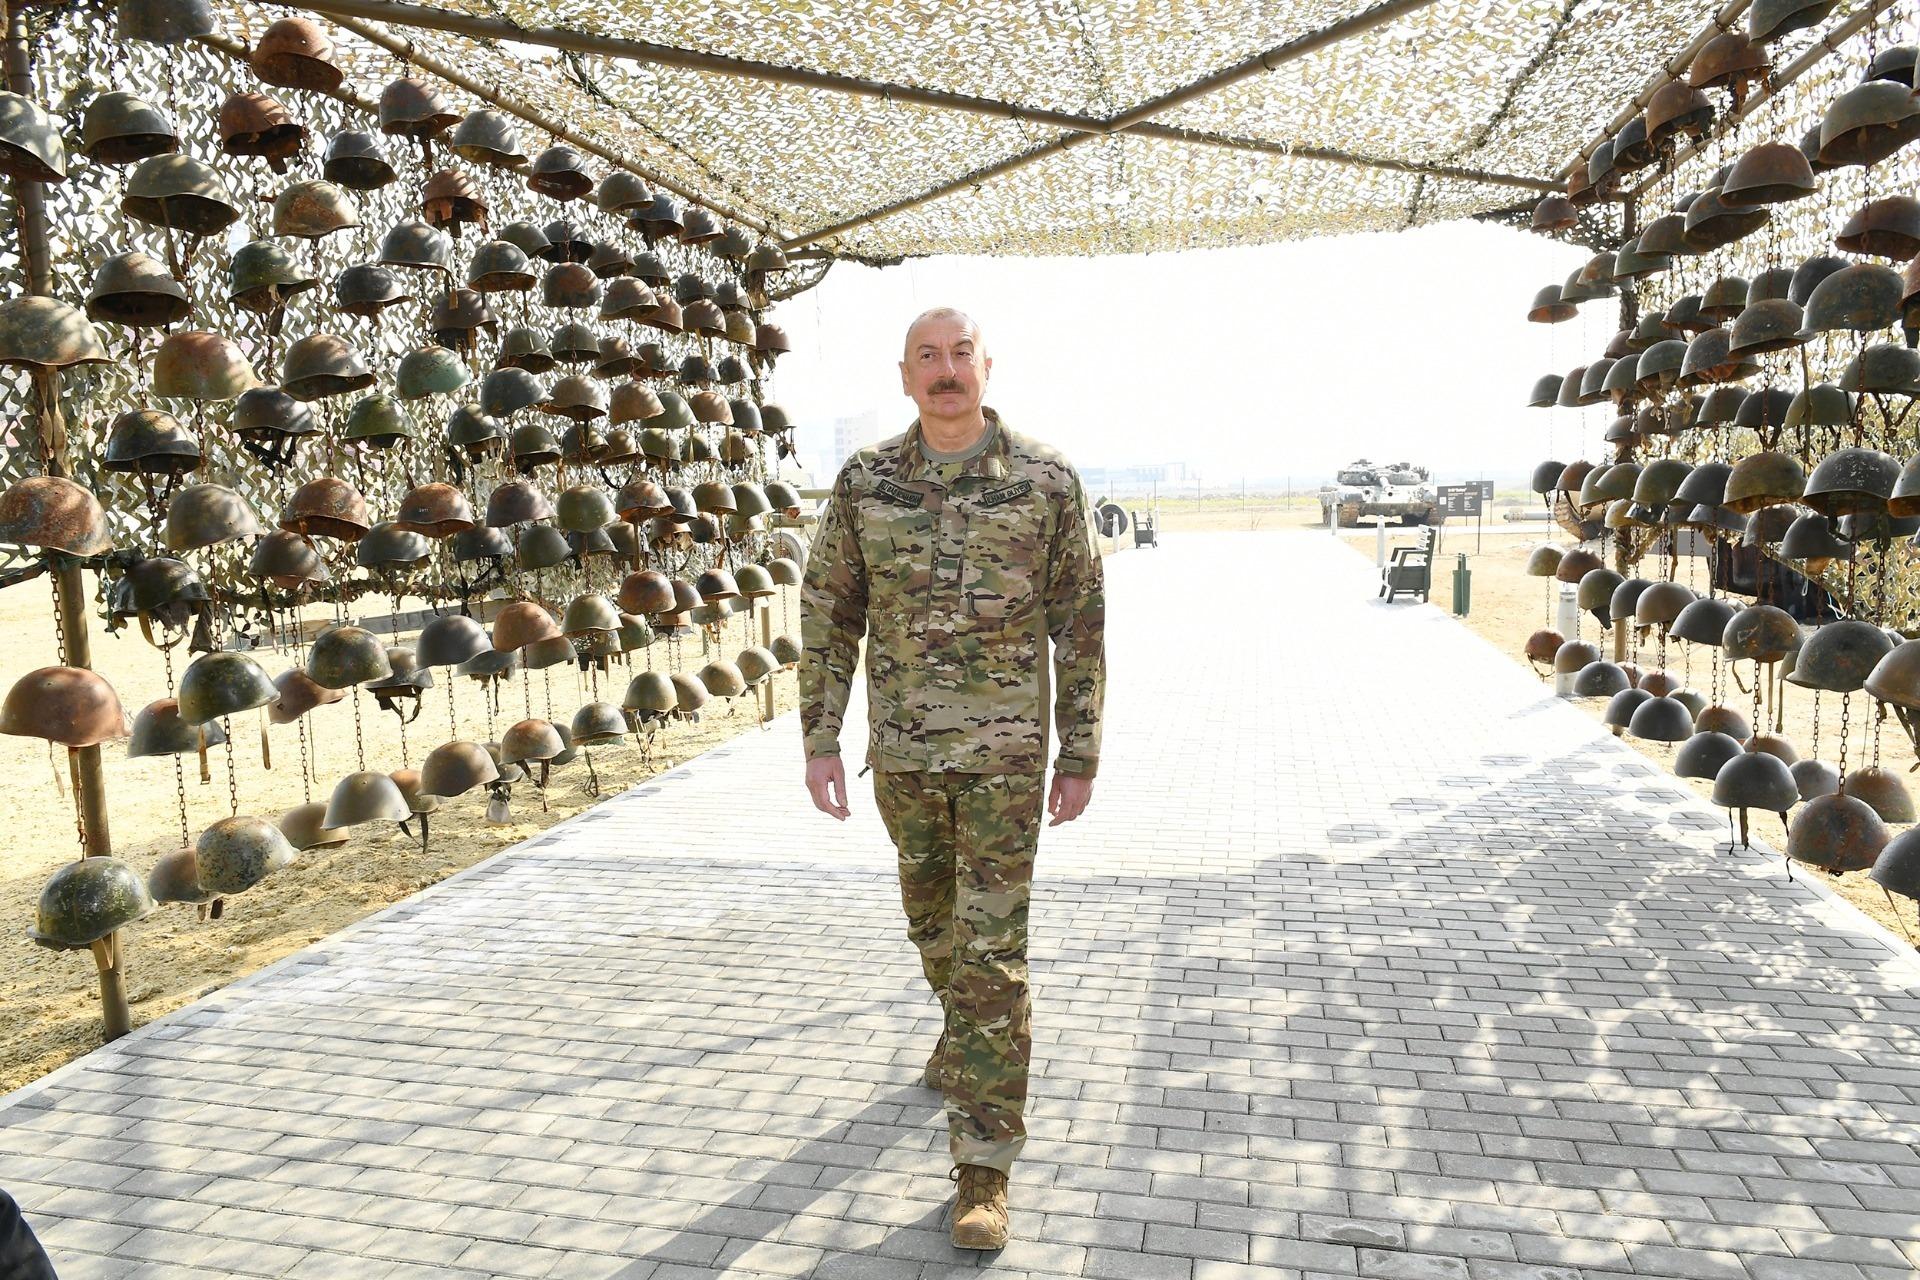 """Ανάρτηση του Νίκου Ανδρουλάκη στα Social Media: Ένα μνημείο βαρβαρότητας με """"τρόπαια"""" το Military Trophy Park του Προέδρου του Αζερμπαιτζάν Ilham Aliyev!"""